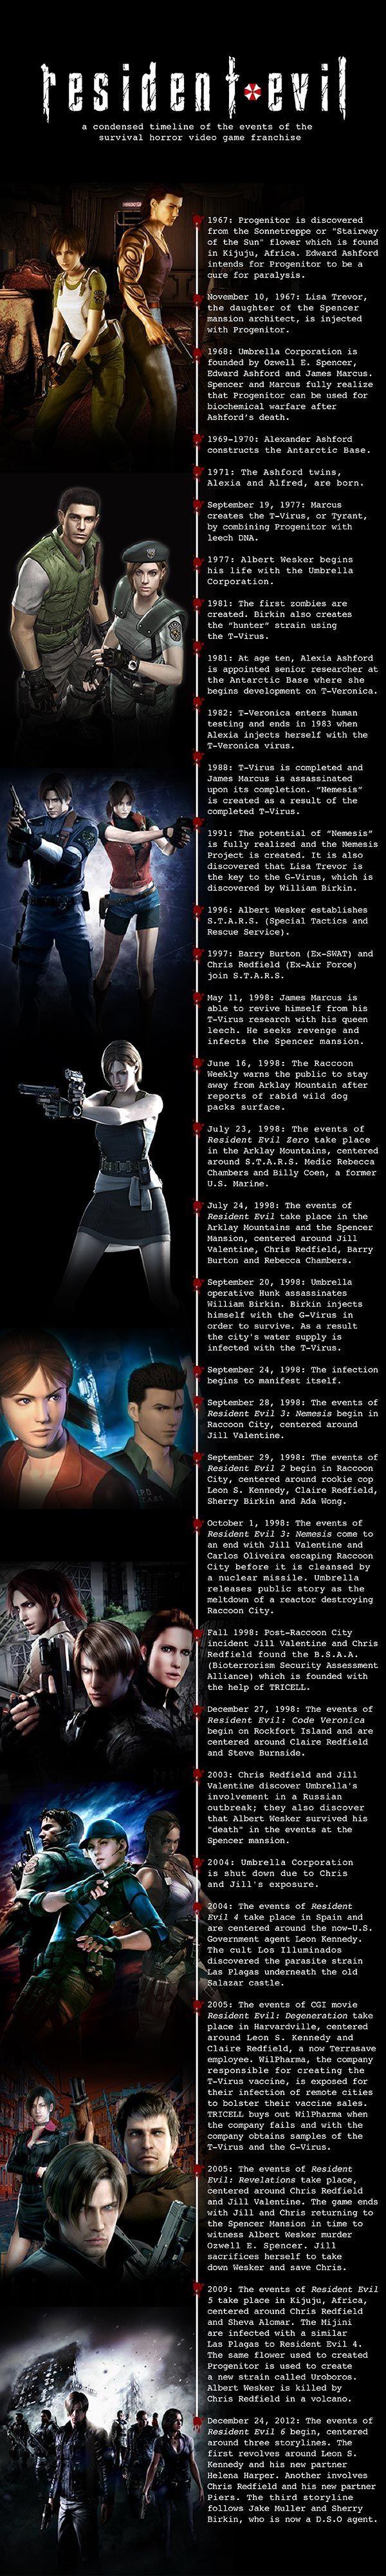 Gamer Infographic All Things Residentevil Up To Resident Evil 6